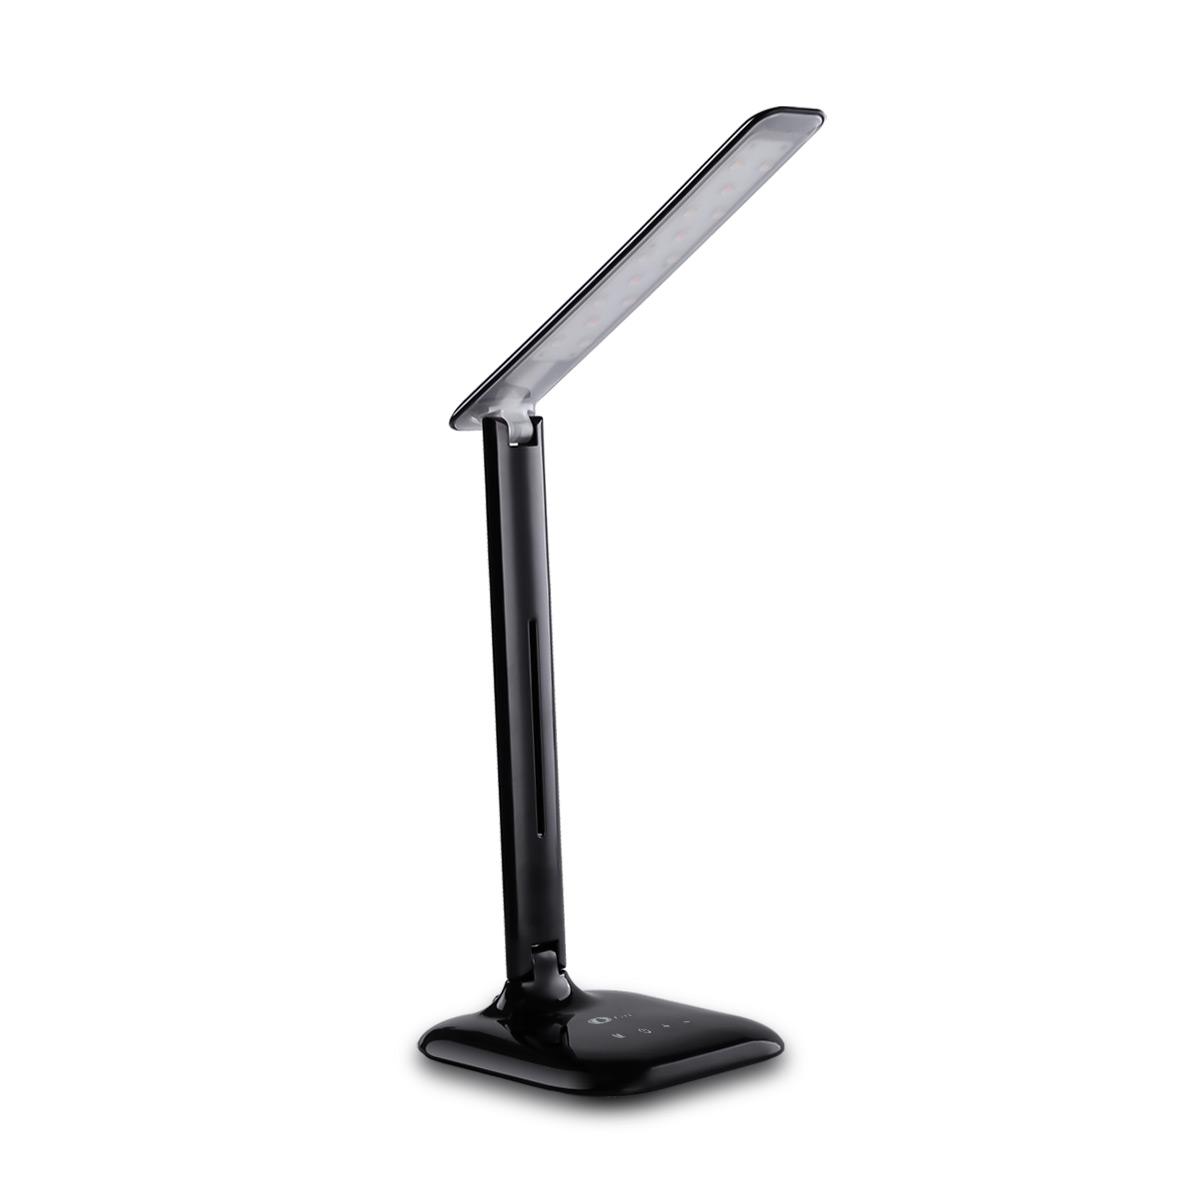 Dimmbar LED Schreibtischlampe, Leselampe mit 3 Farben, Tischleuchten, 5 Helligkeitsstufen